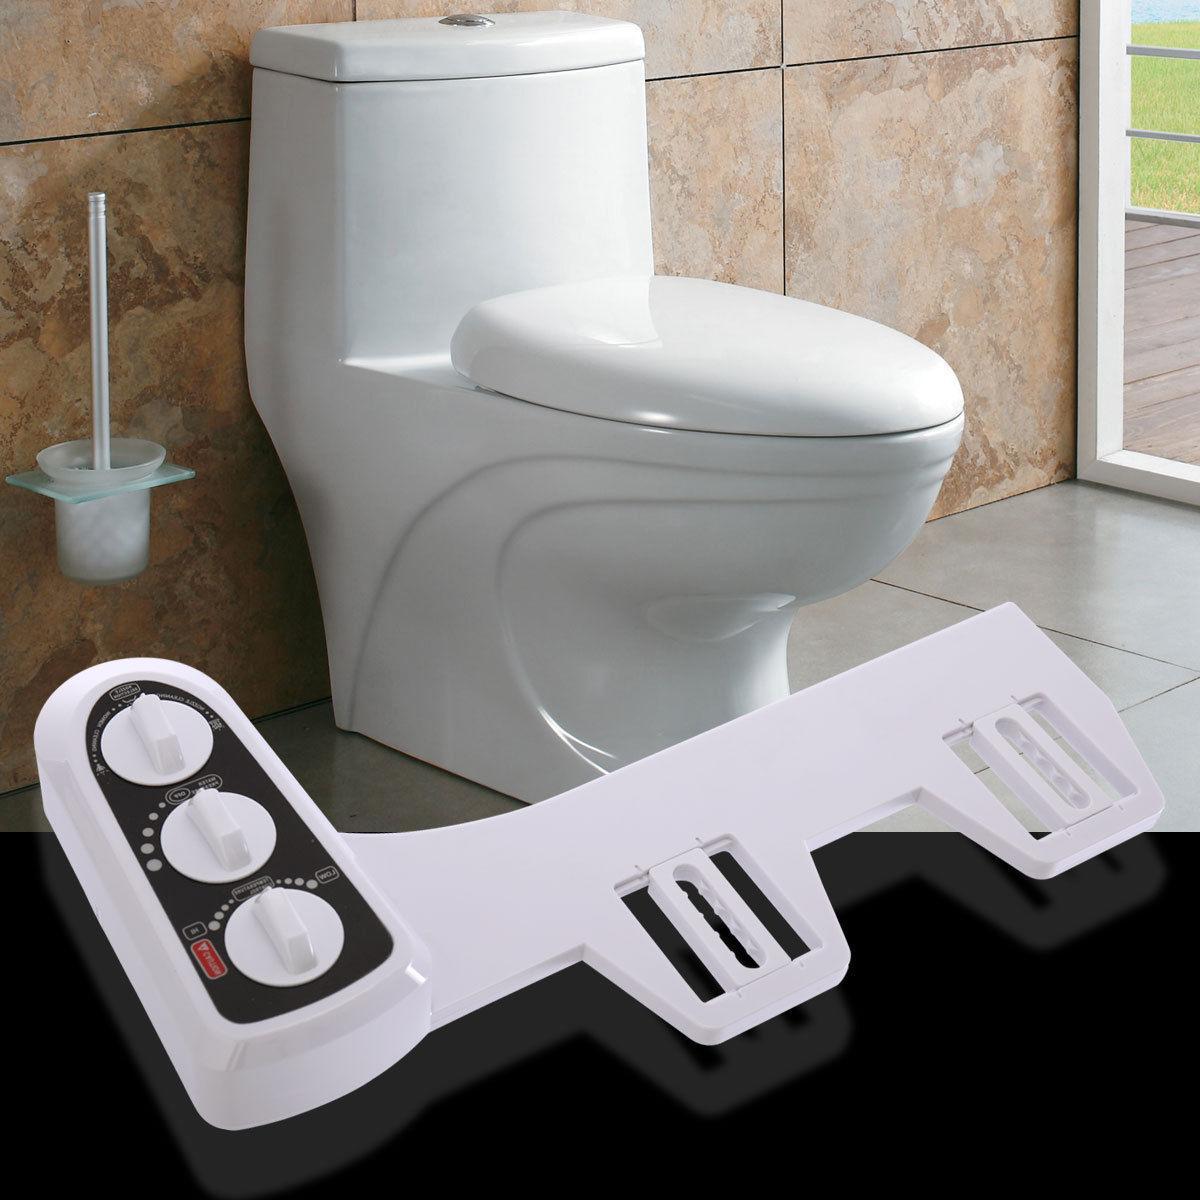 Non-Electric Mechanical Bidet Toilet Seat Attachment Nozzle